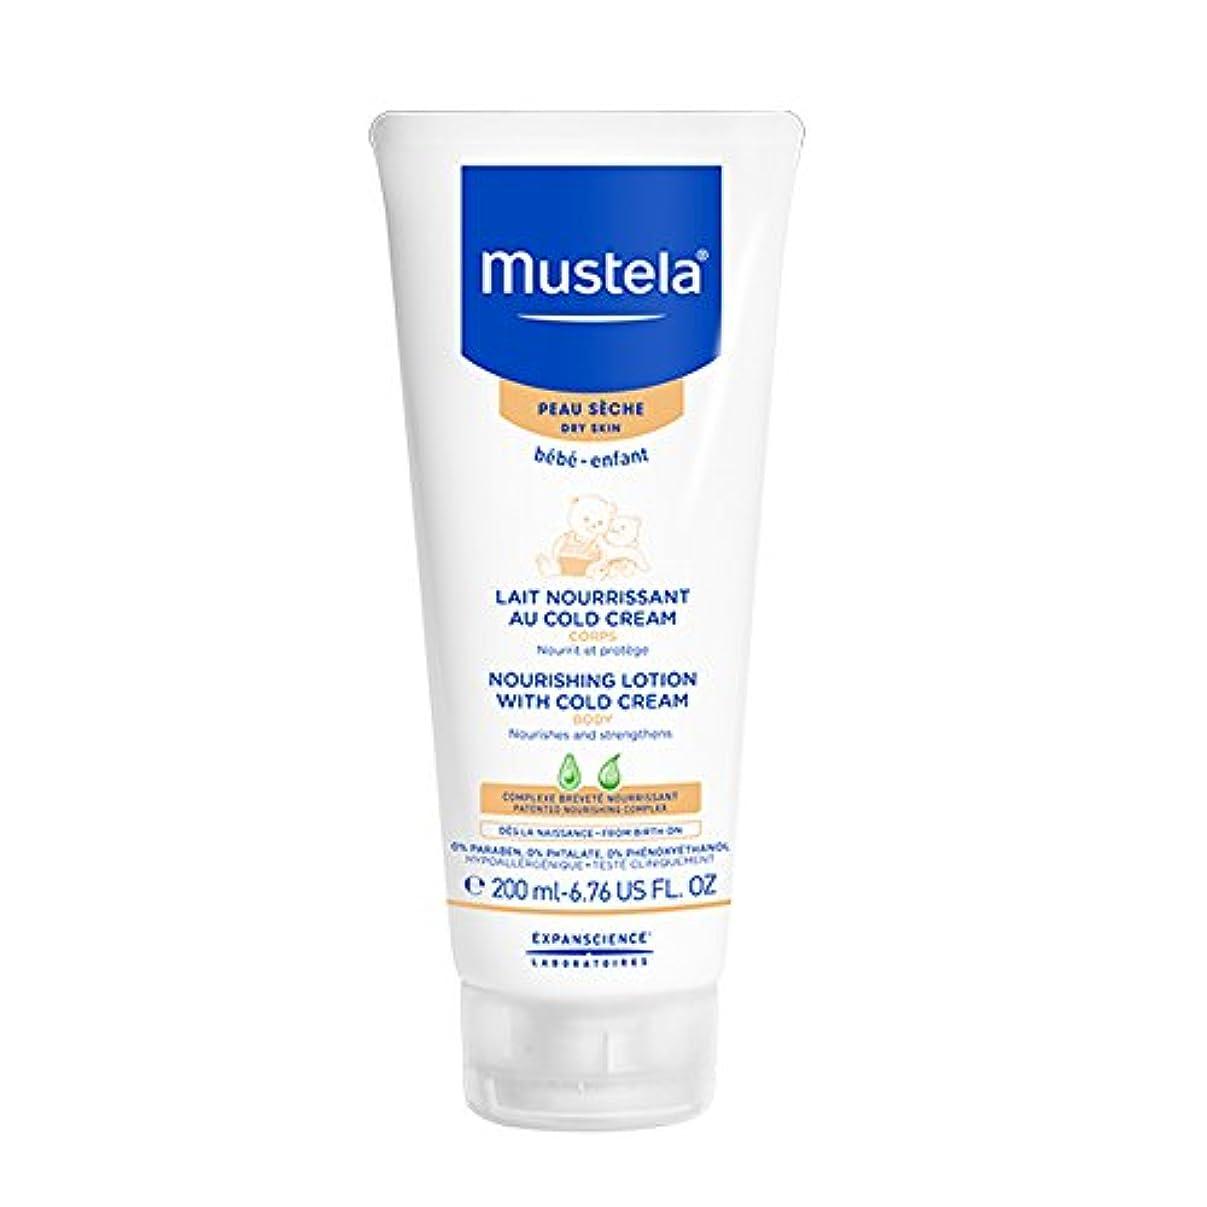 季節ペインティング出撃者ムステラ Nourishing Body Lotion With Cold Cream - For Dry Skin 200ml/6.76oz並行輸入品